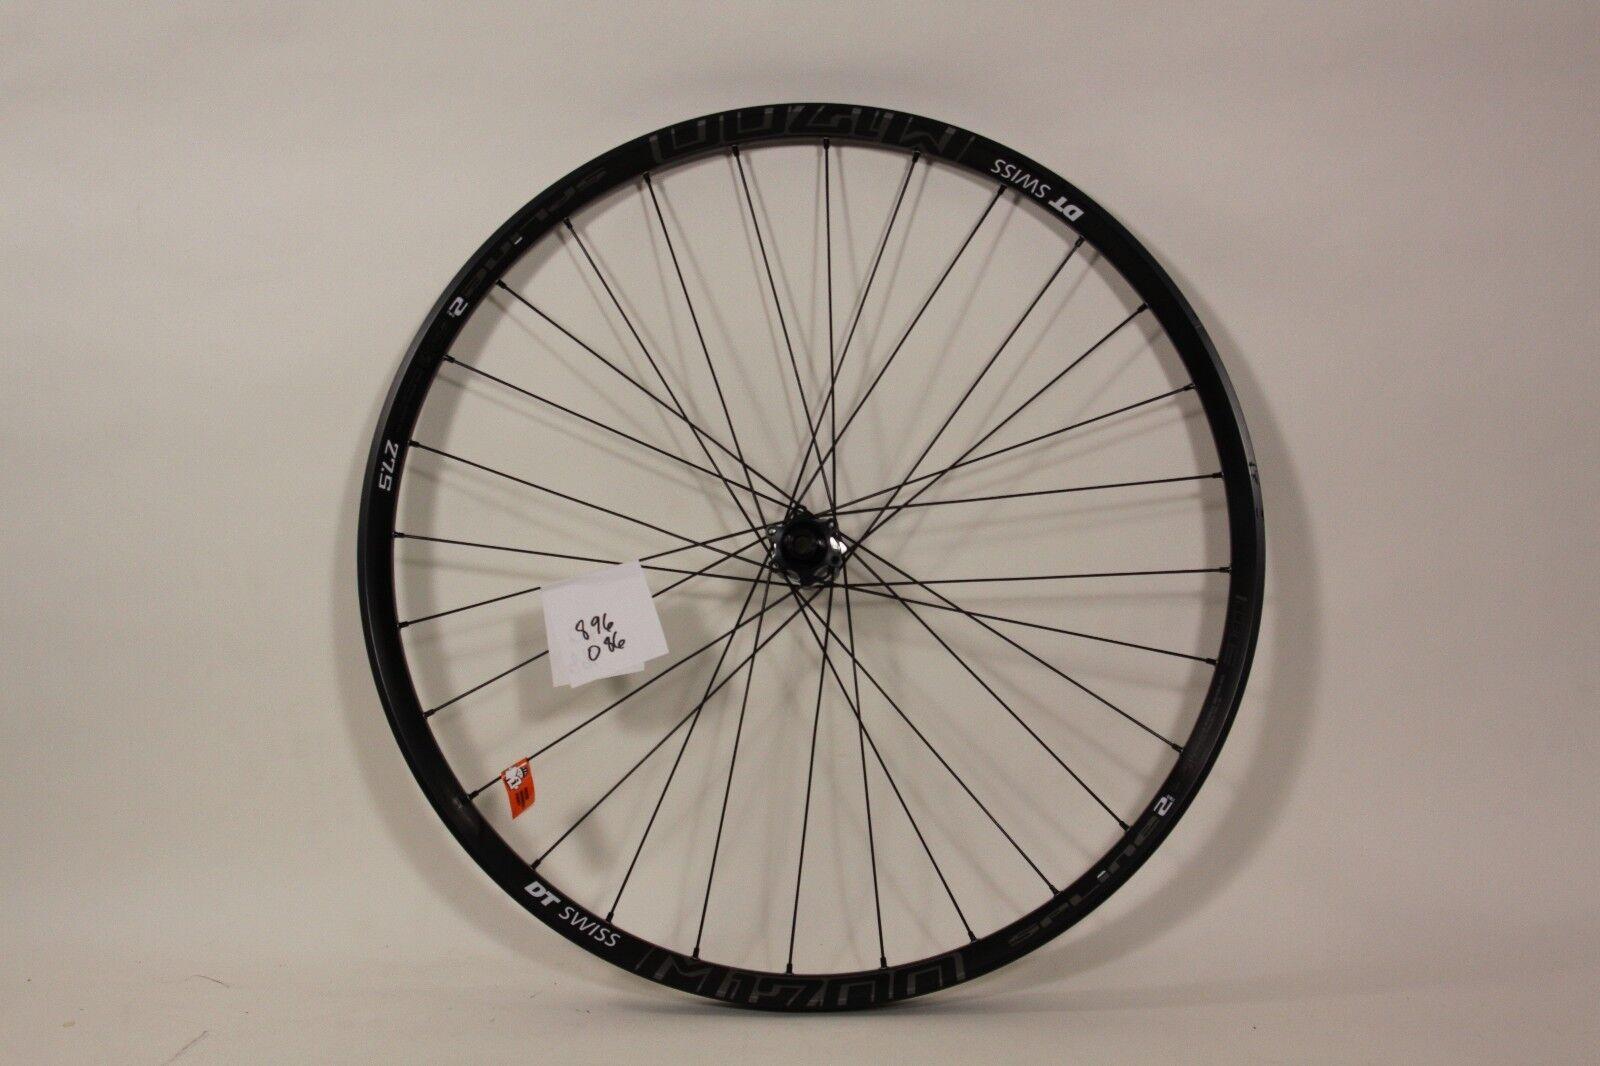 DT Swiss 27.5 Rear Wheel M 1700 Spline2 XD Driver 12 x 148 Axle 28h  896086